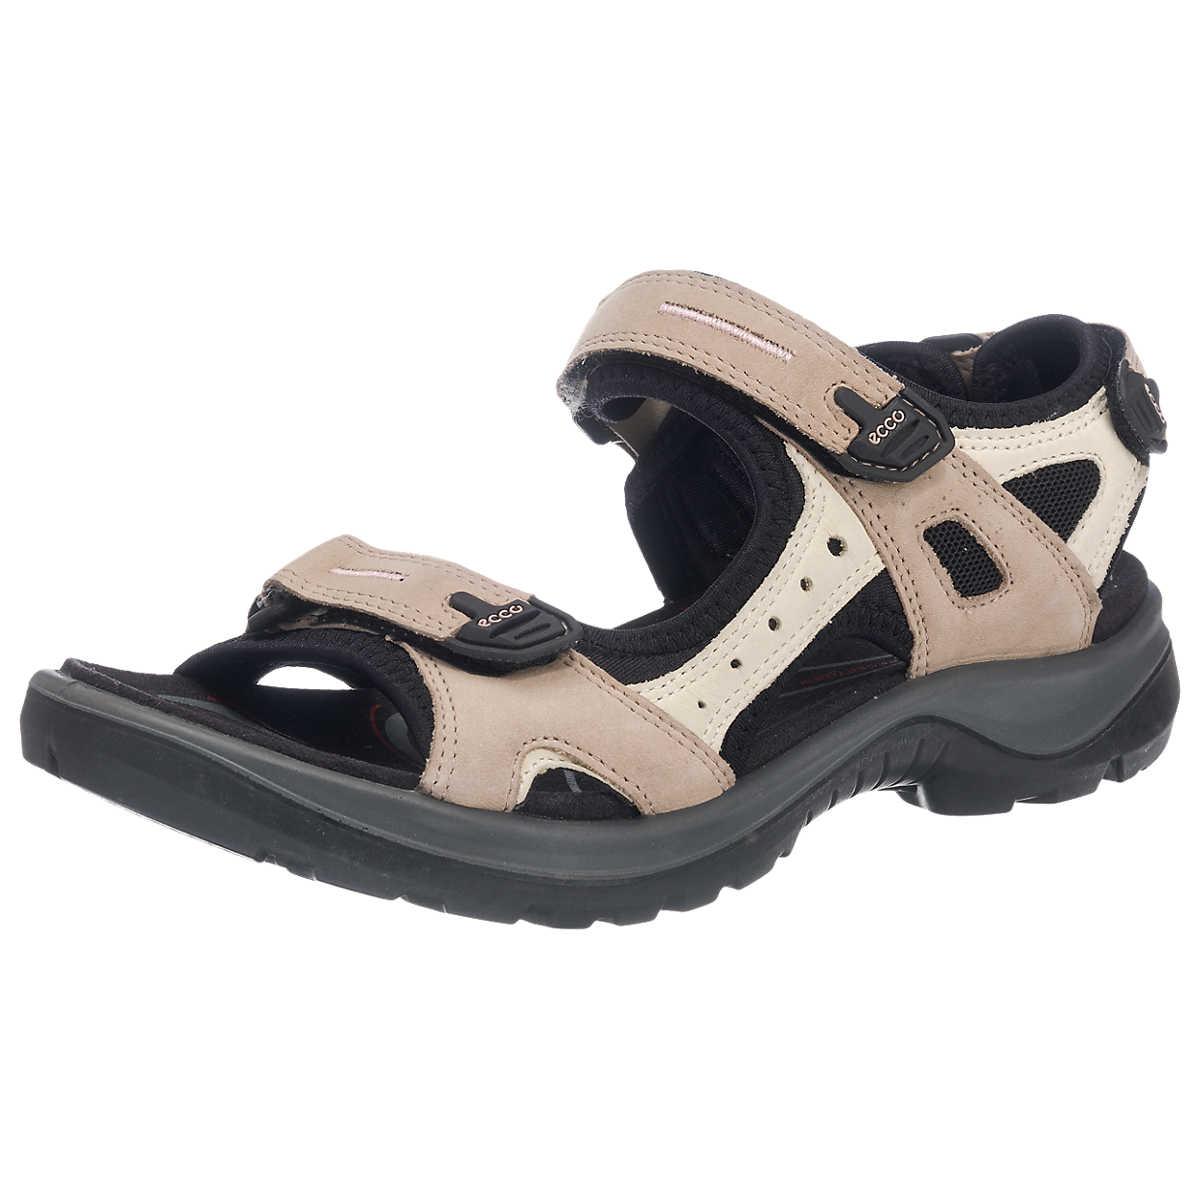 ecco Offroad Sandalen beige - ecco - Sandalen - Schuhe - mirapodo.de